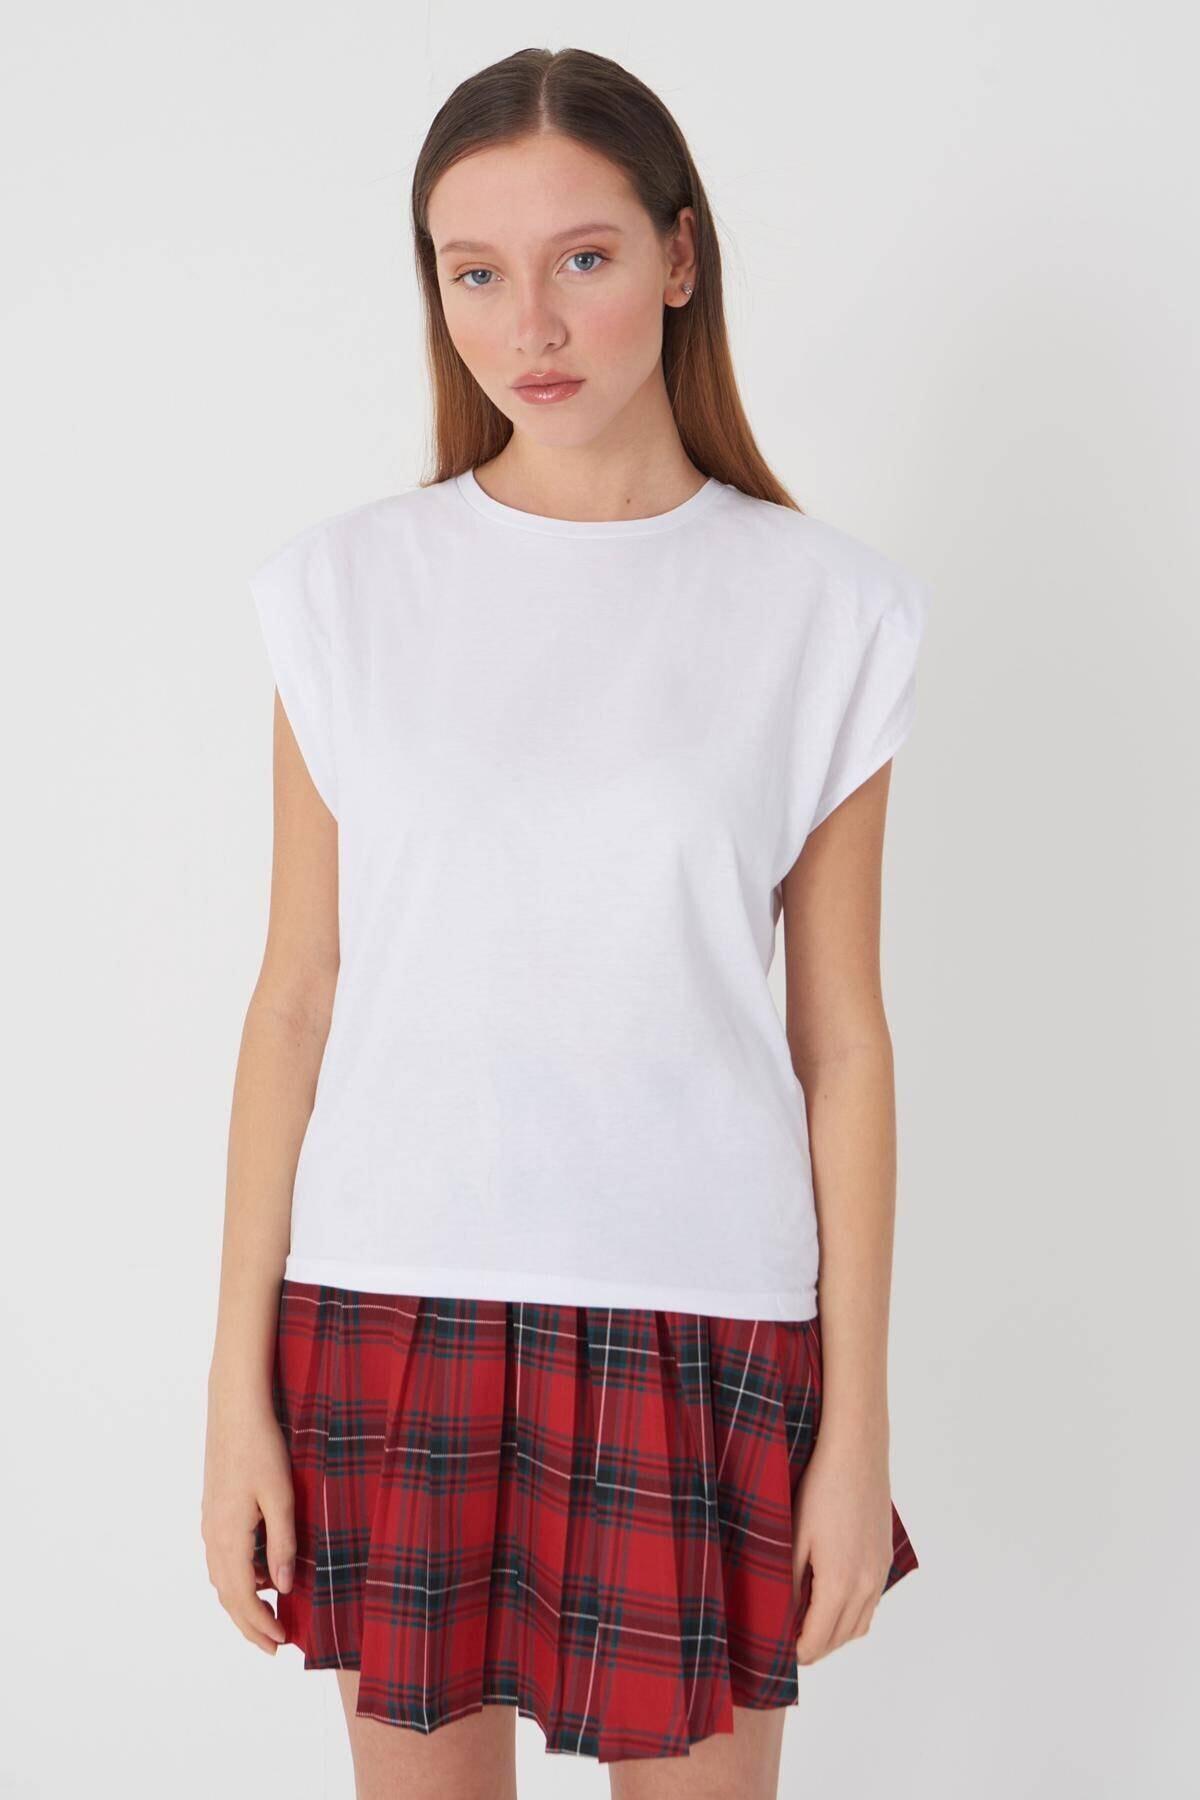 Addax Kadın Beyaz Vatkalı T-Shirt P18802 - F5 Adx-0000022431 3